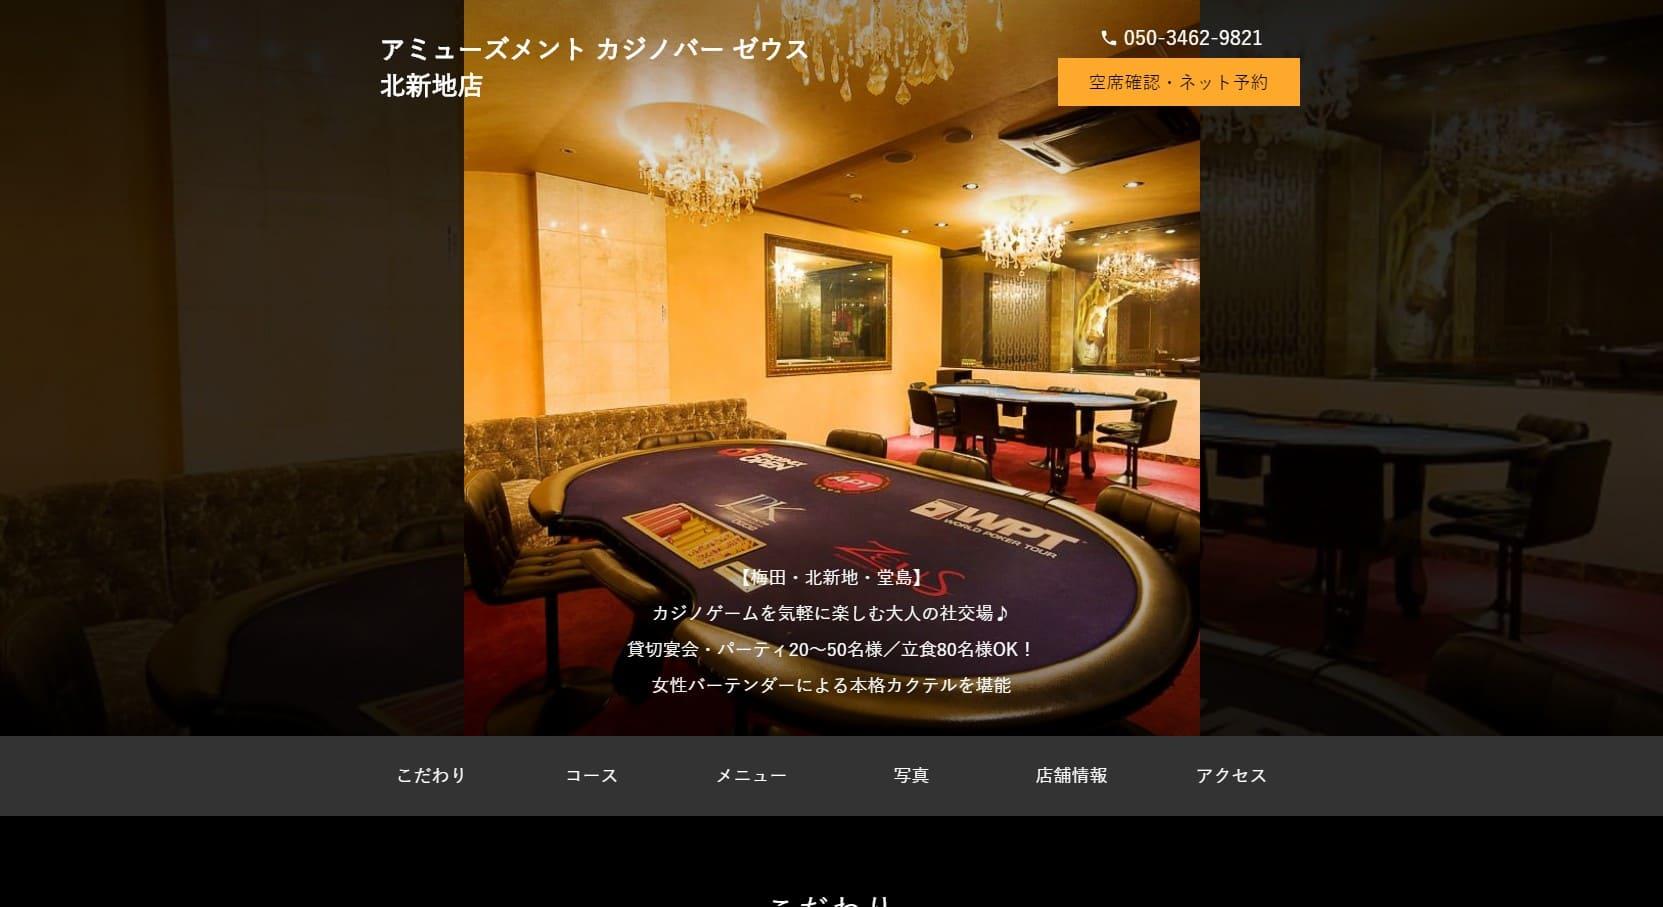 アミューズメントカジノバー ゼウス北新地店のウェブサイト画像。